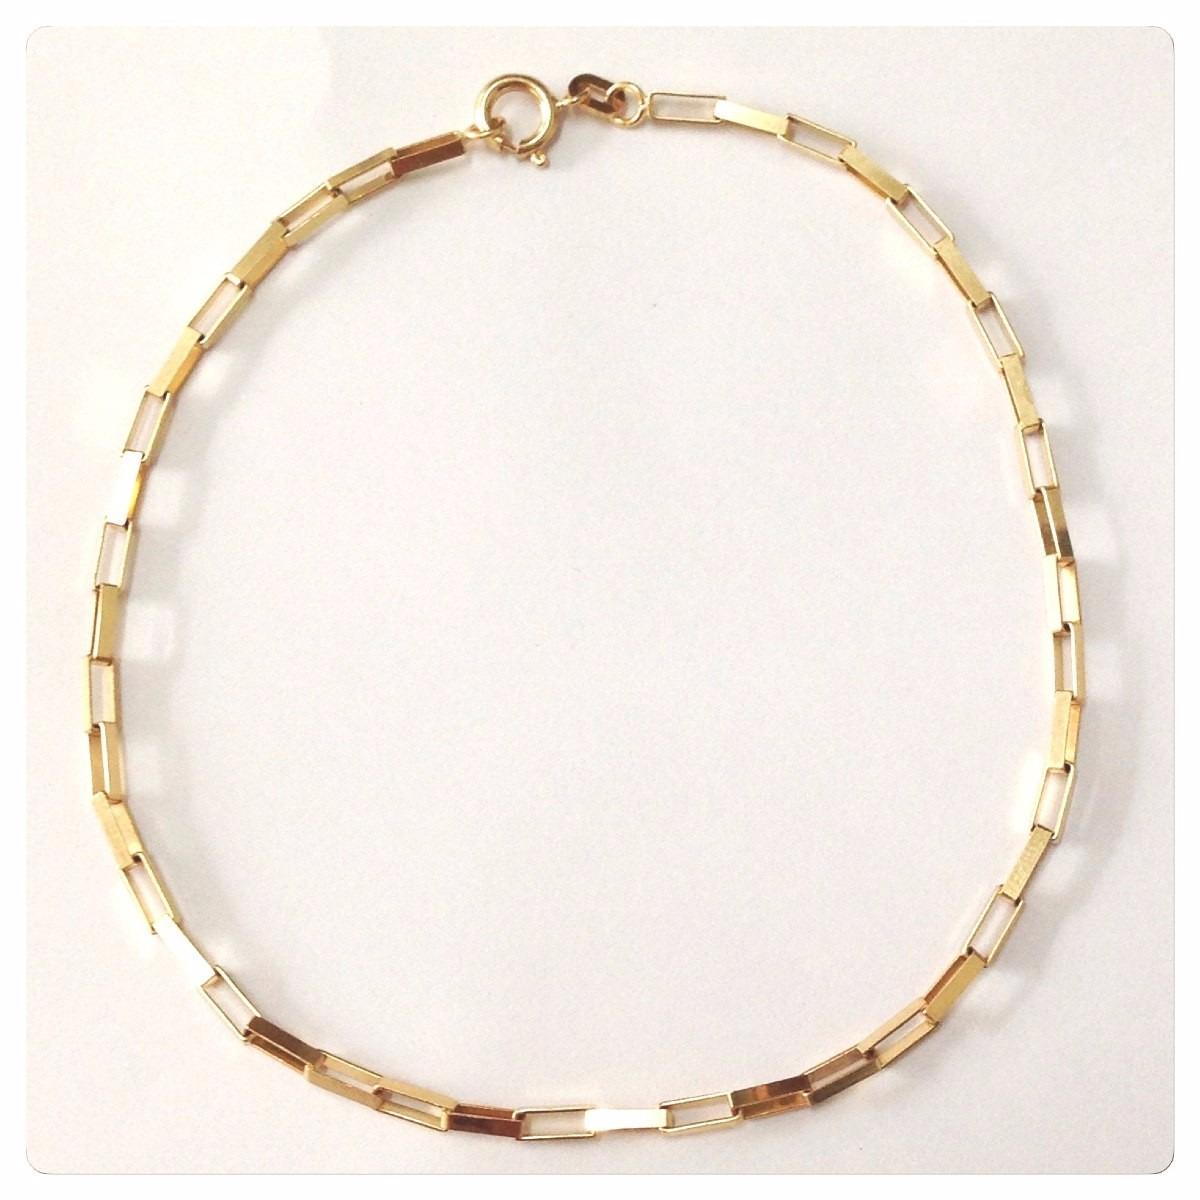 2494a7105ba pulseira masculina elo cartier em ouro 18k maciço. Carregando zoom.